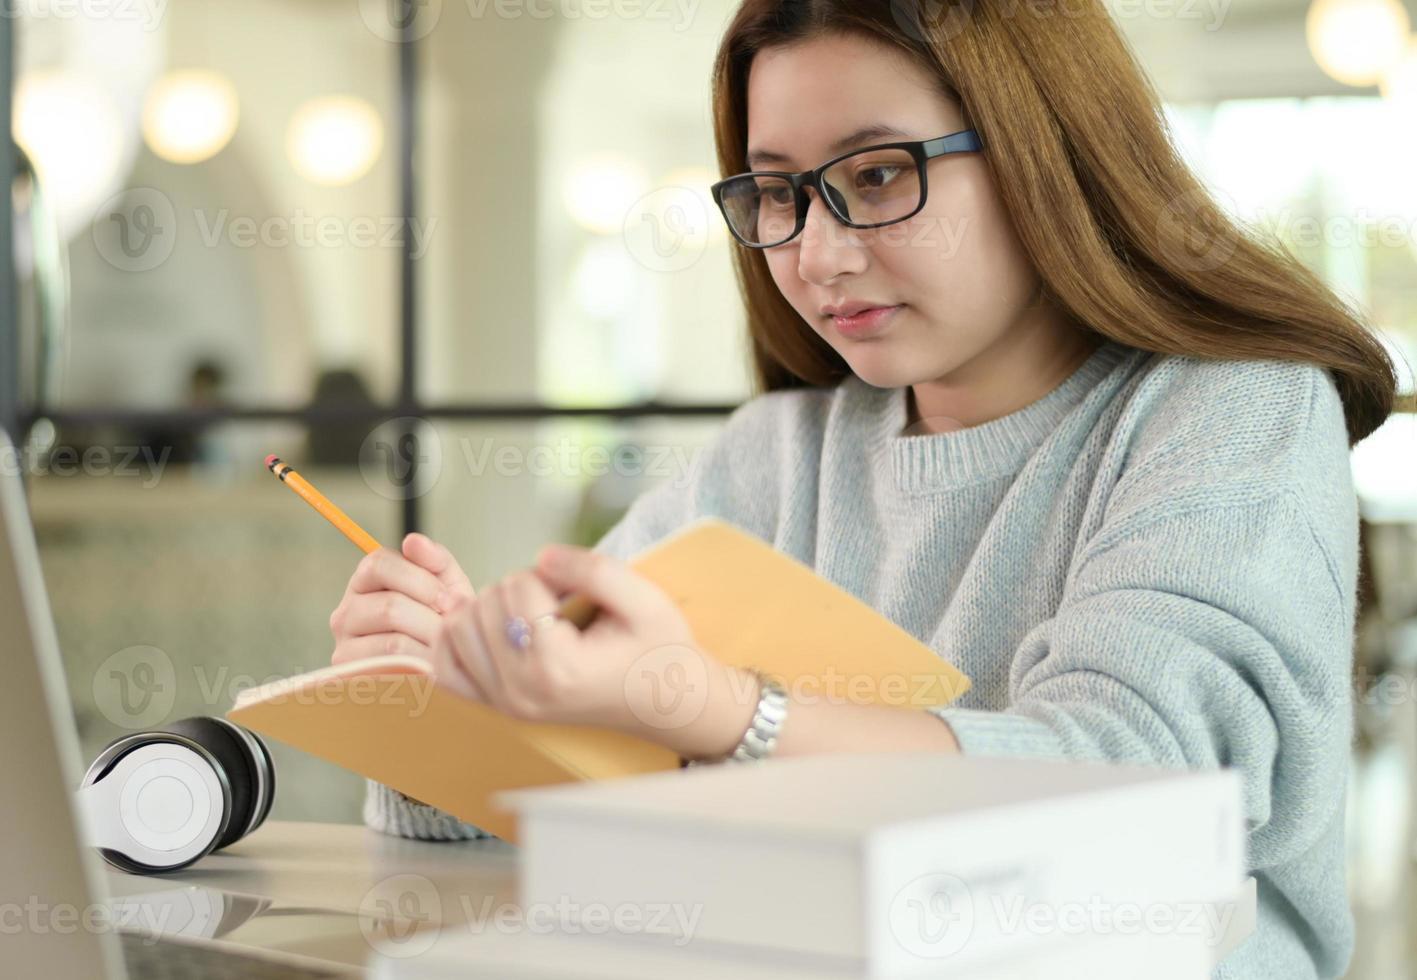 estudiante adolescente con gafas está estudiando en línea desde la computadora portátil. foto